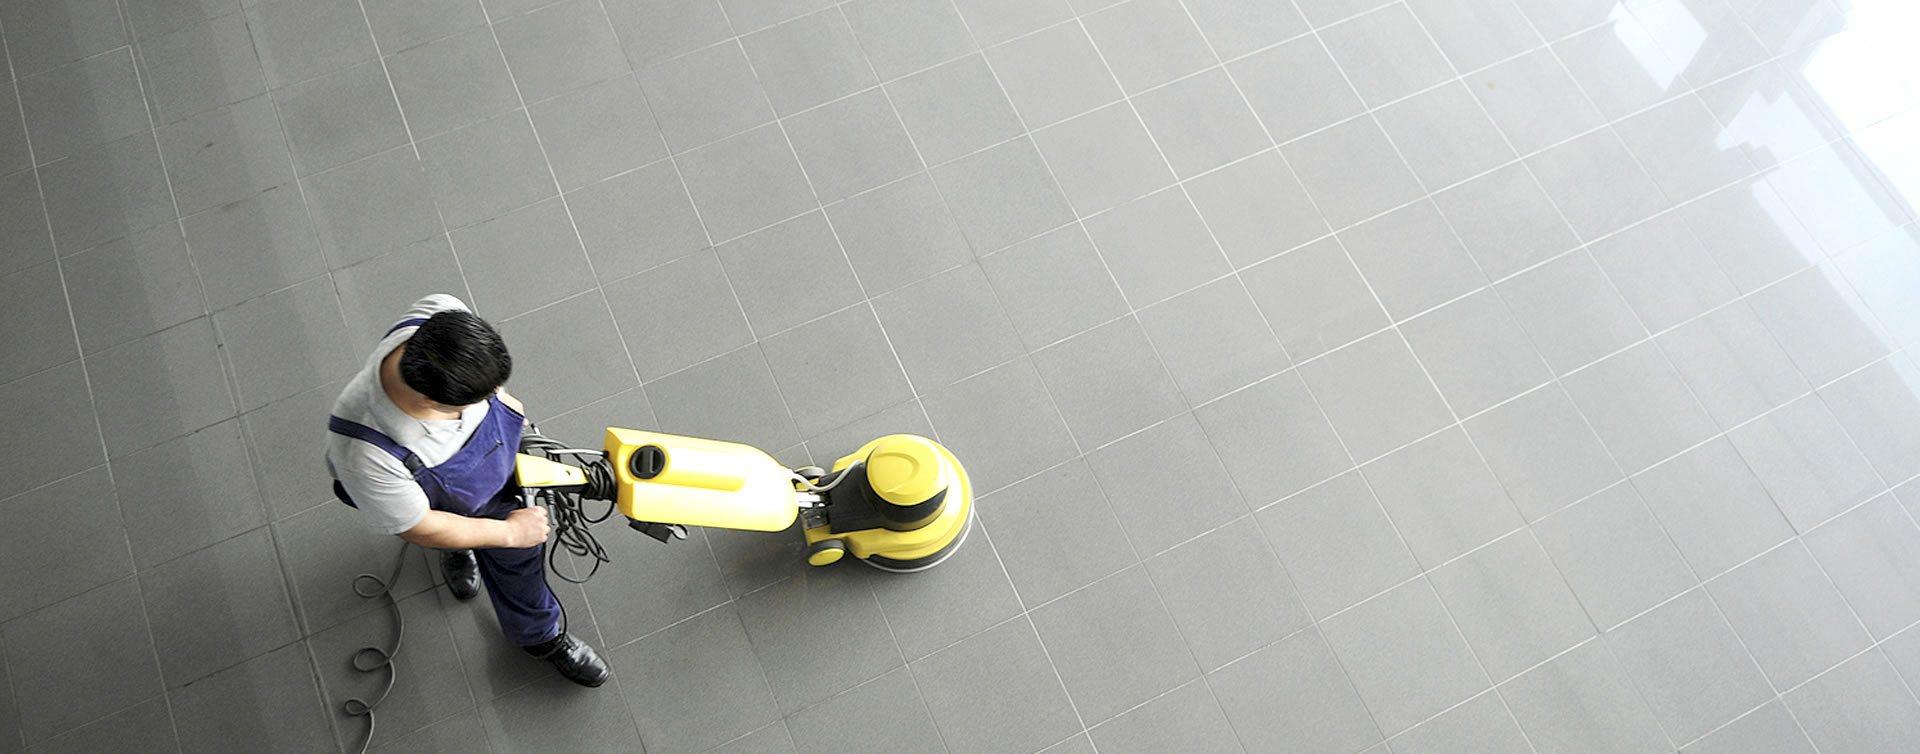 Limpiezas aqua servicios de limpieza en valencia for Empresas de limpieza en valencia que necesiten personal